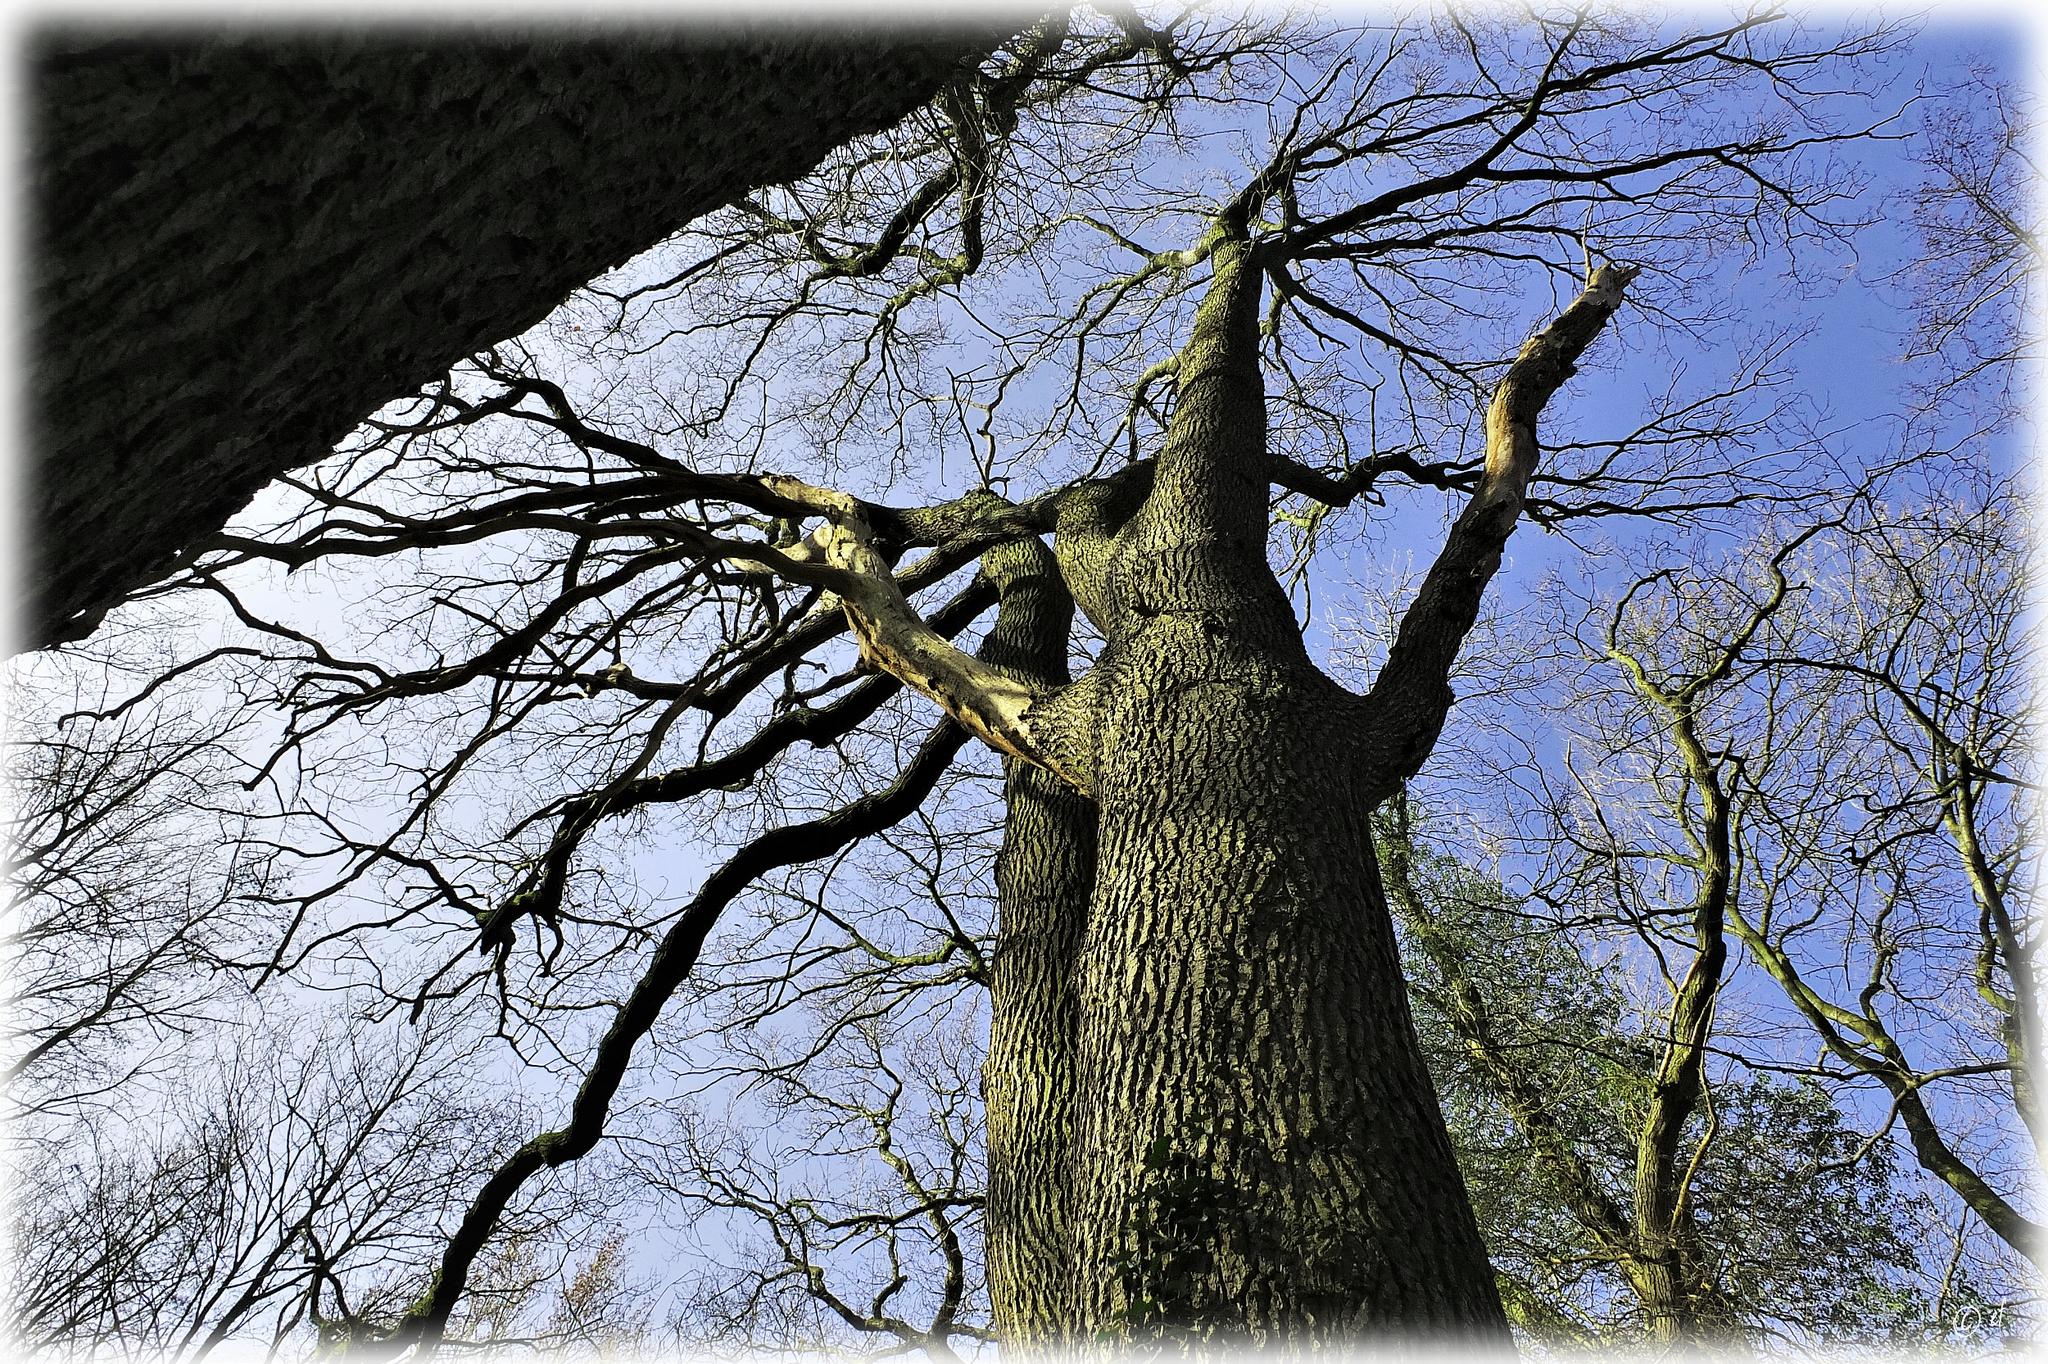 Ein Zwillingsbaum von unten betrachtet